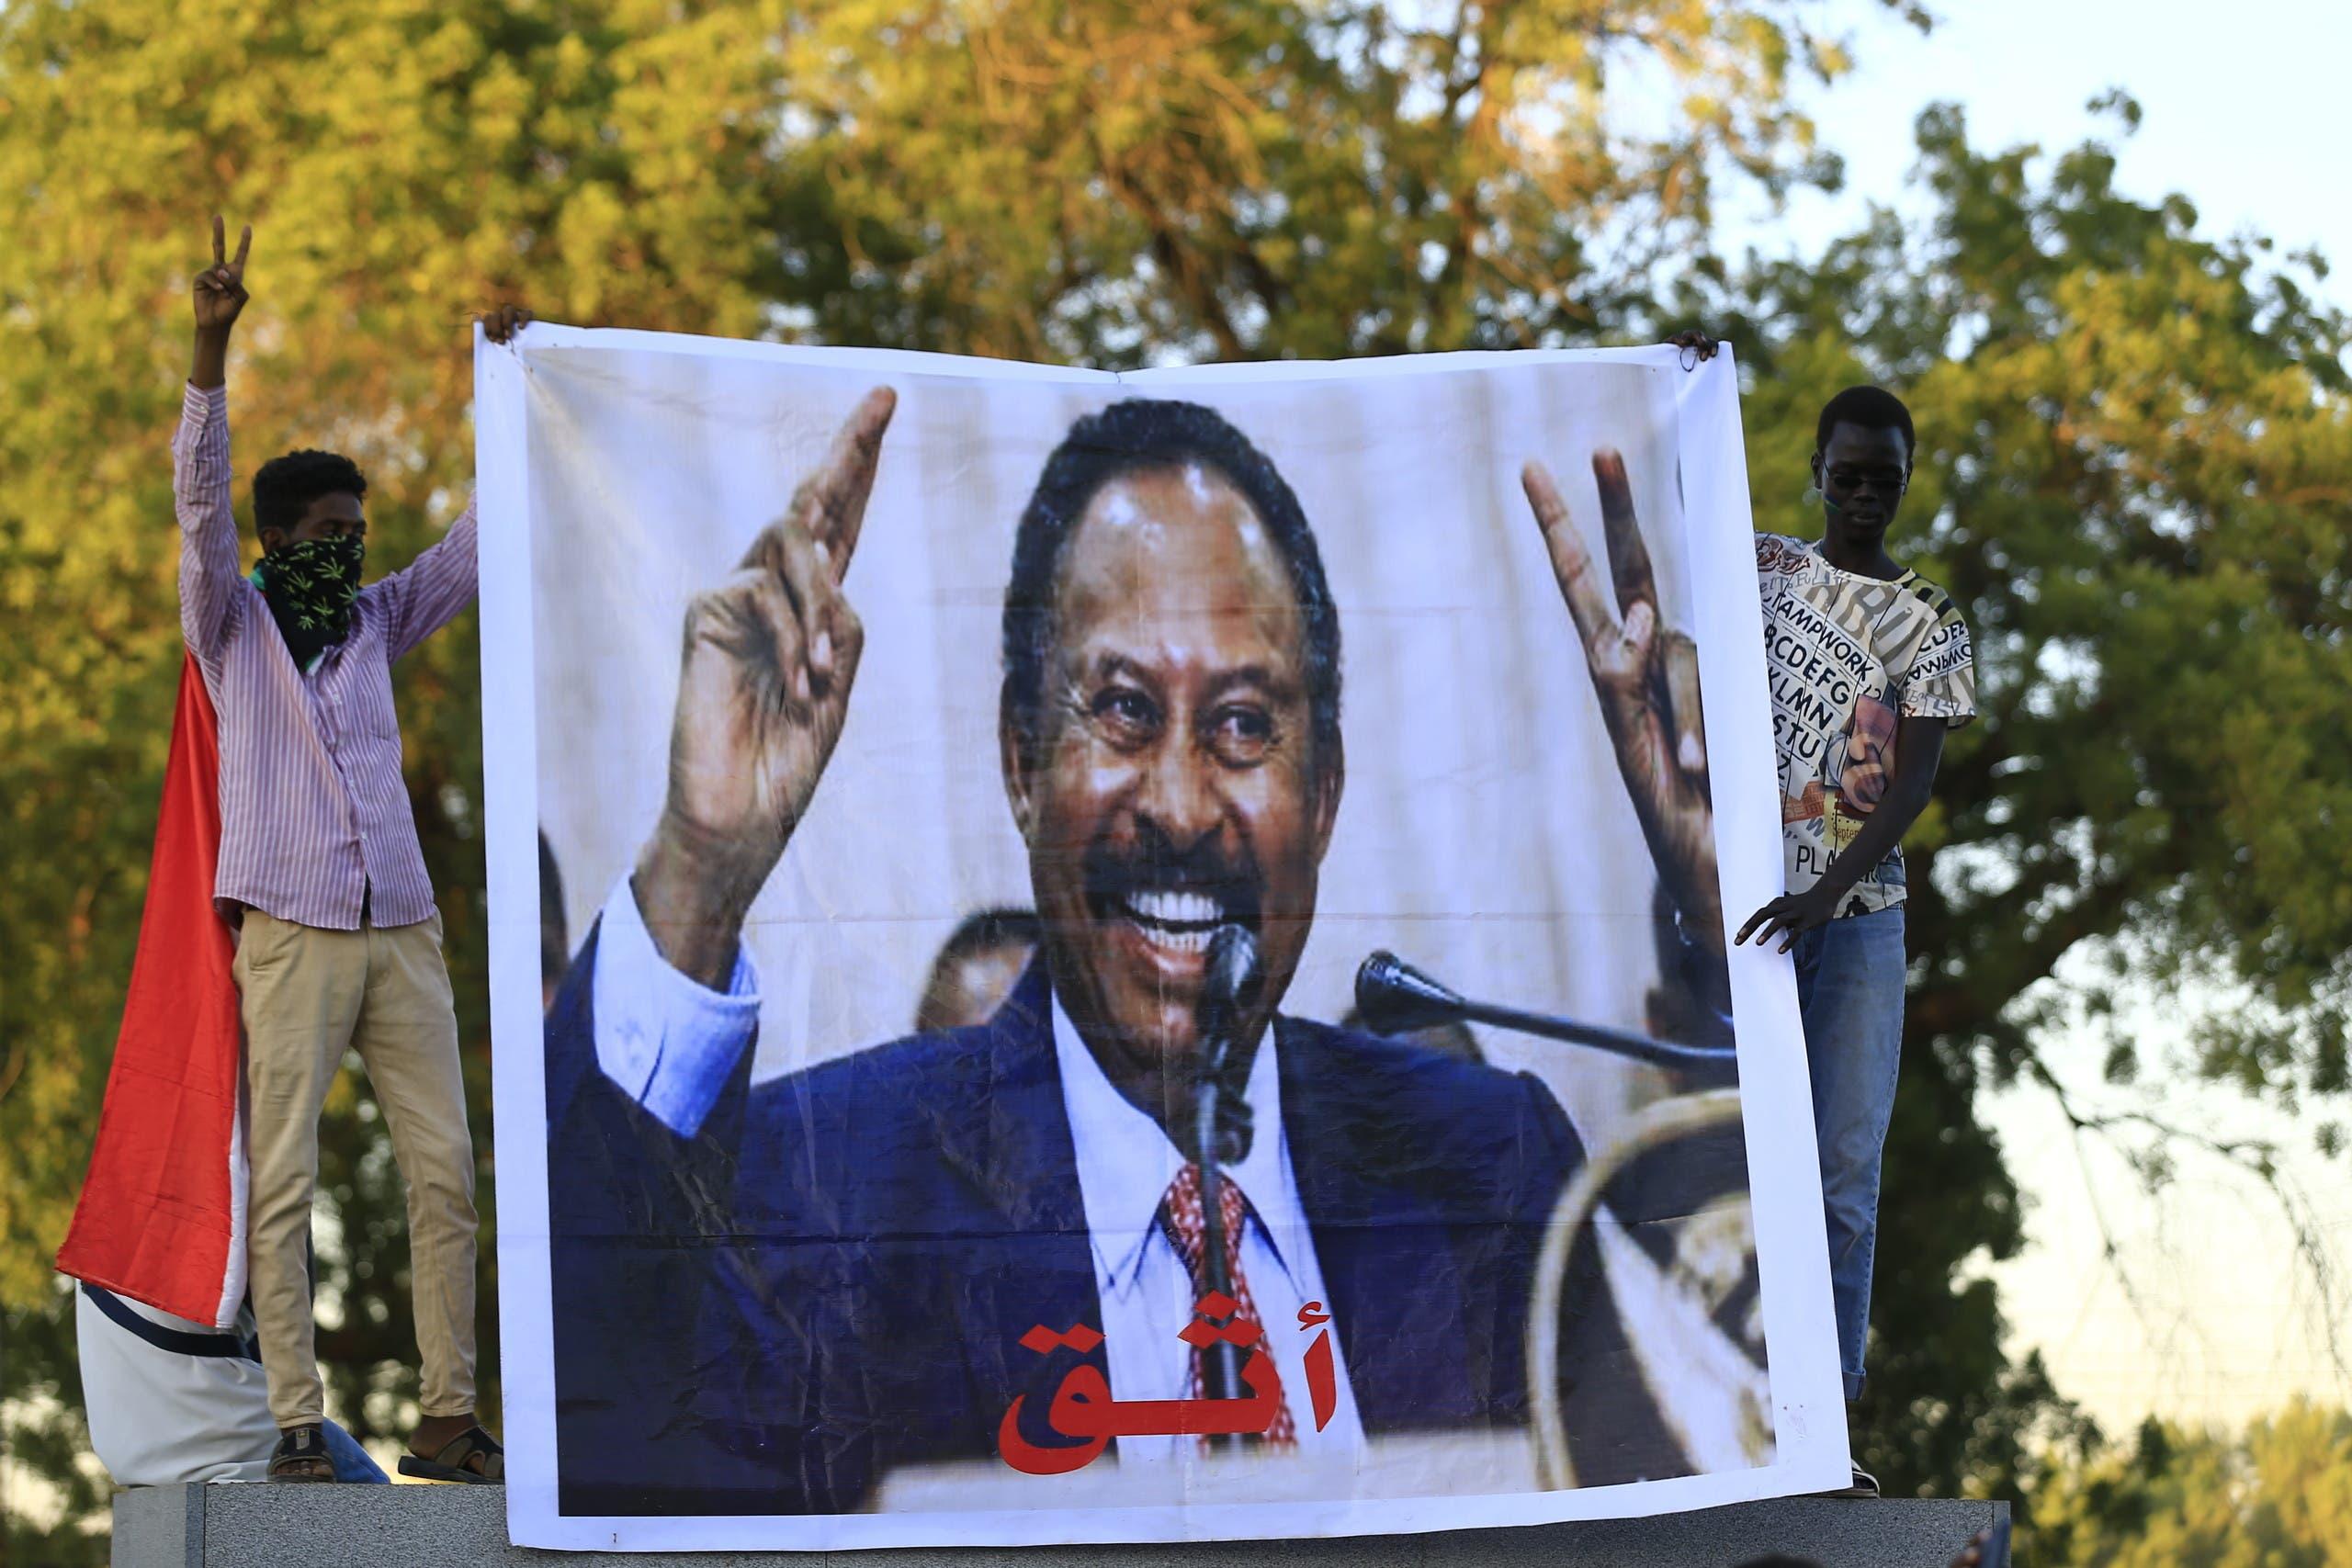 صورة لرئيس الوزراء السوداني عبد الله حمدوك (أرشيفية- فرانس برس)